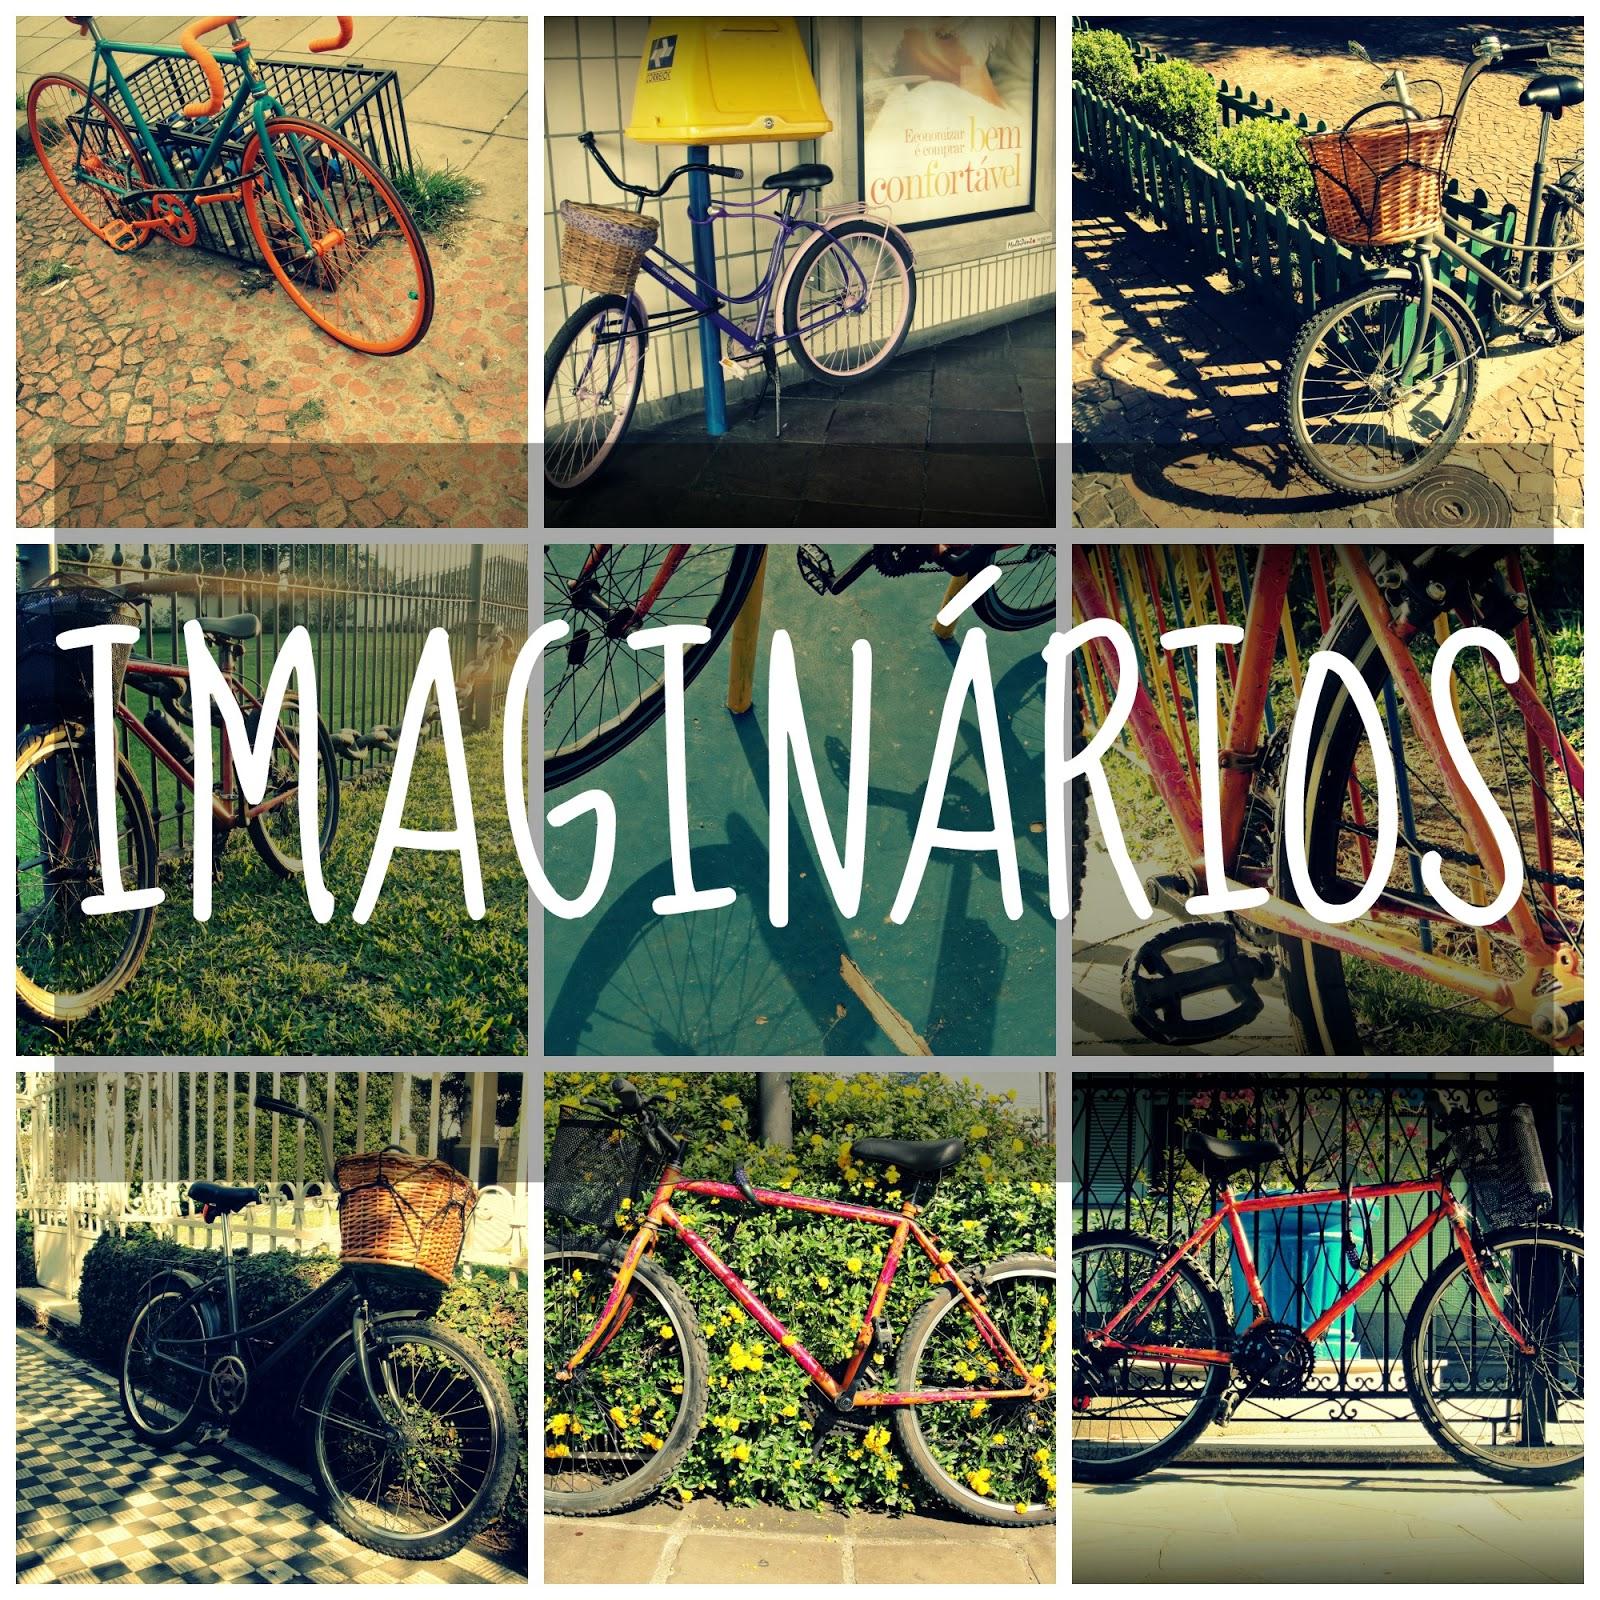 http://bicicletariosimaginarios.blogspot.com.br/search/label/biciclet%C3%A1rio%20imagin%C3%A1rio